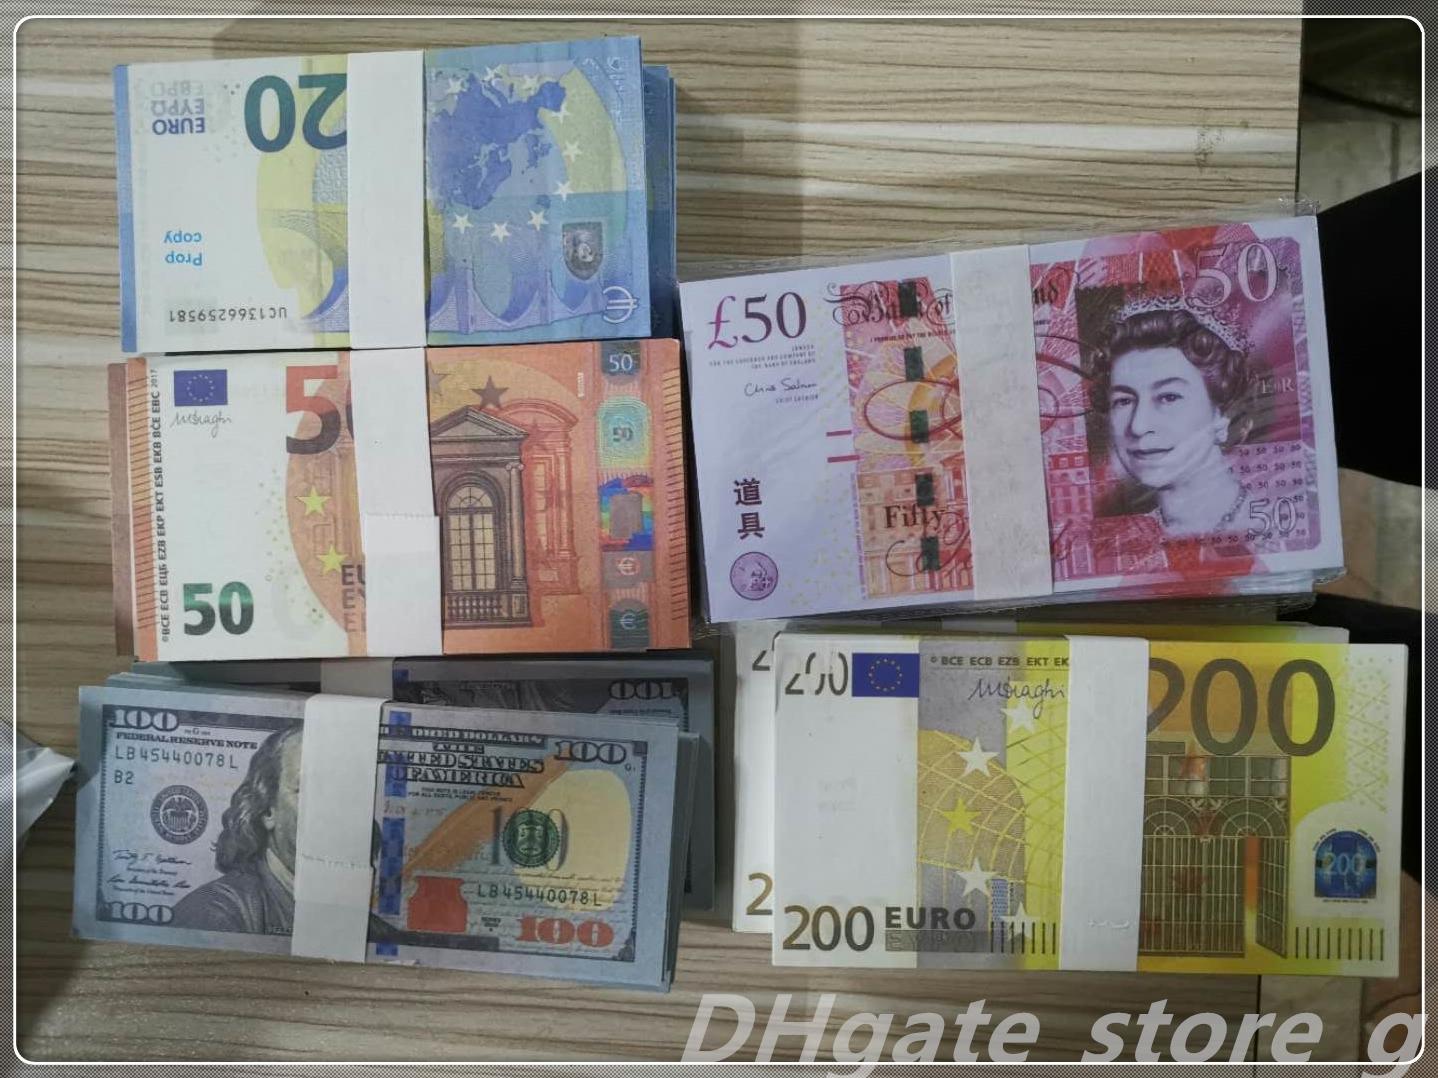 Atmósfera de dinero Mayor Pound Faux Cieqv Prop Money Play Play Billet Euro Money Fake Calidad NightClub Película Bar Barrete EUR LB-106 Top IUBEL